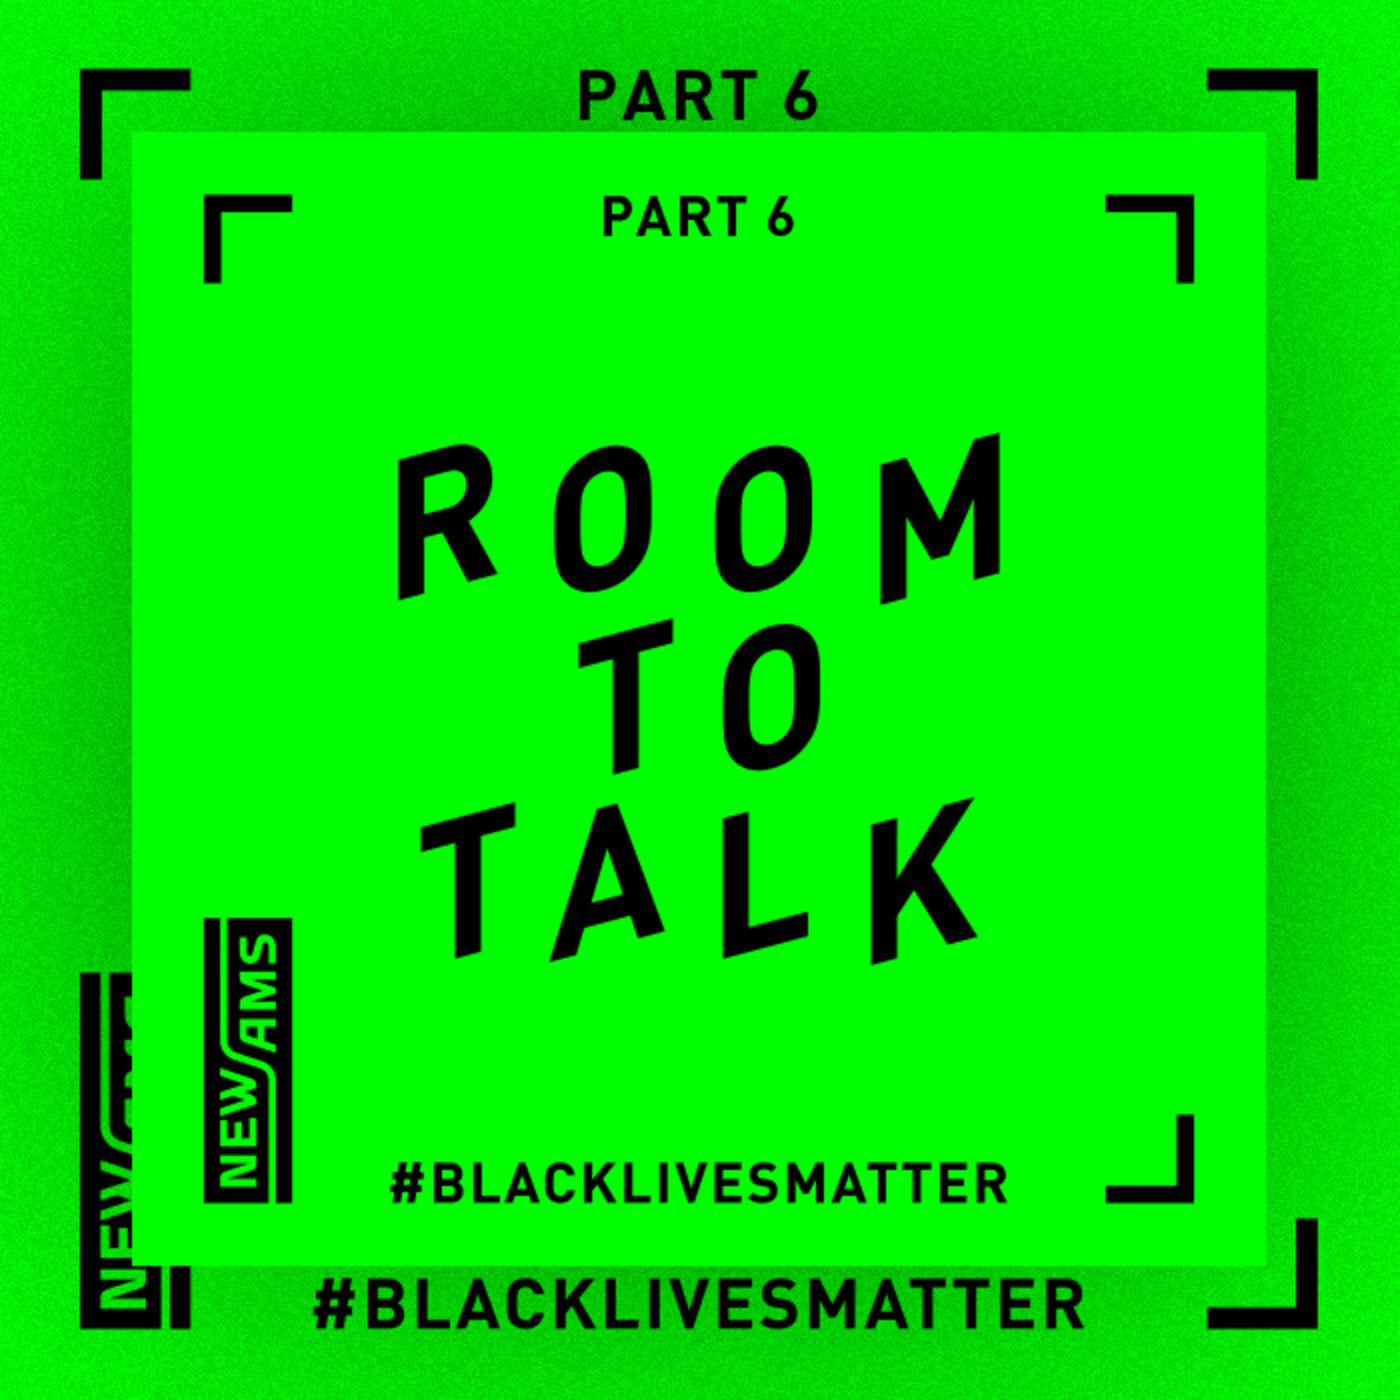 Room to Talk: Black Lives Matter Part 6